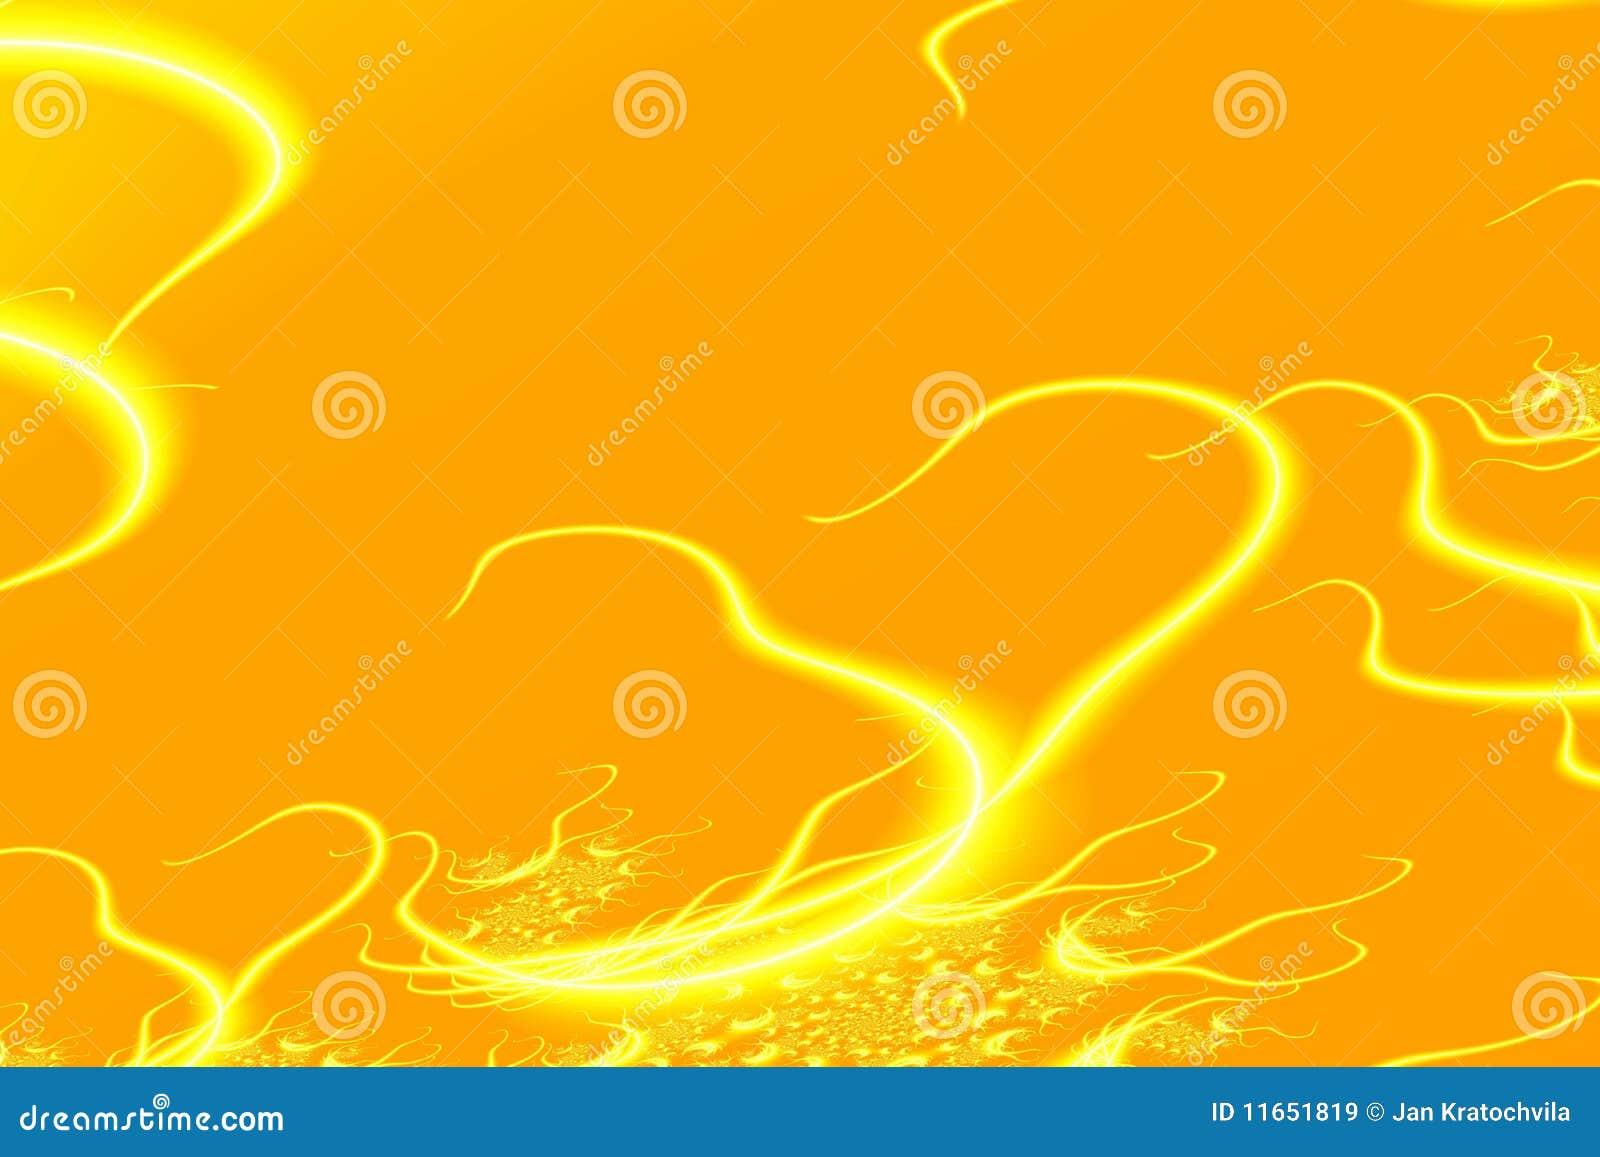 Fundo amarelo abstrato com corações